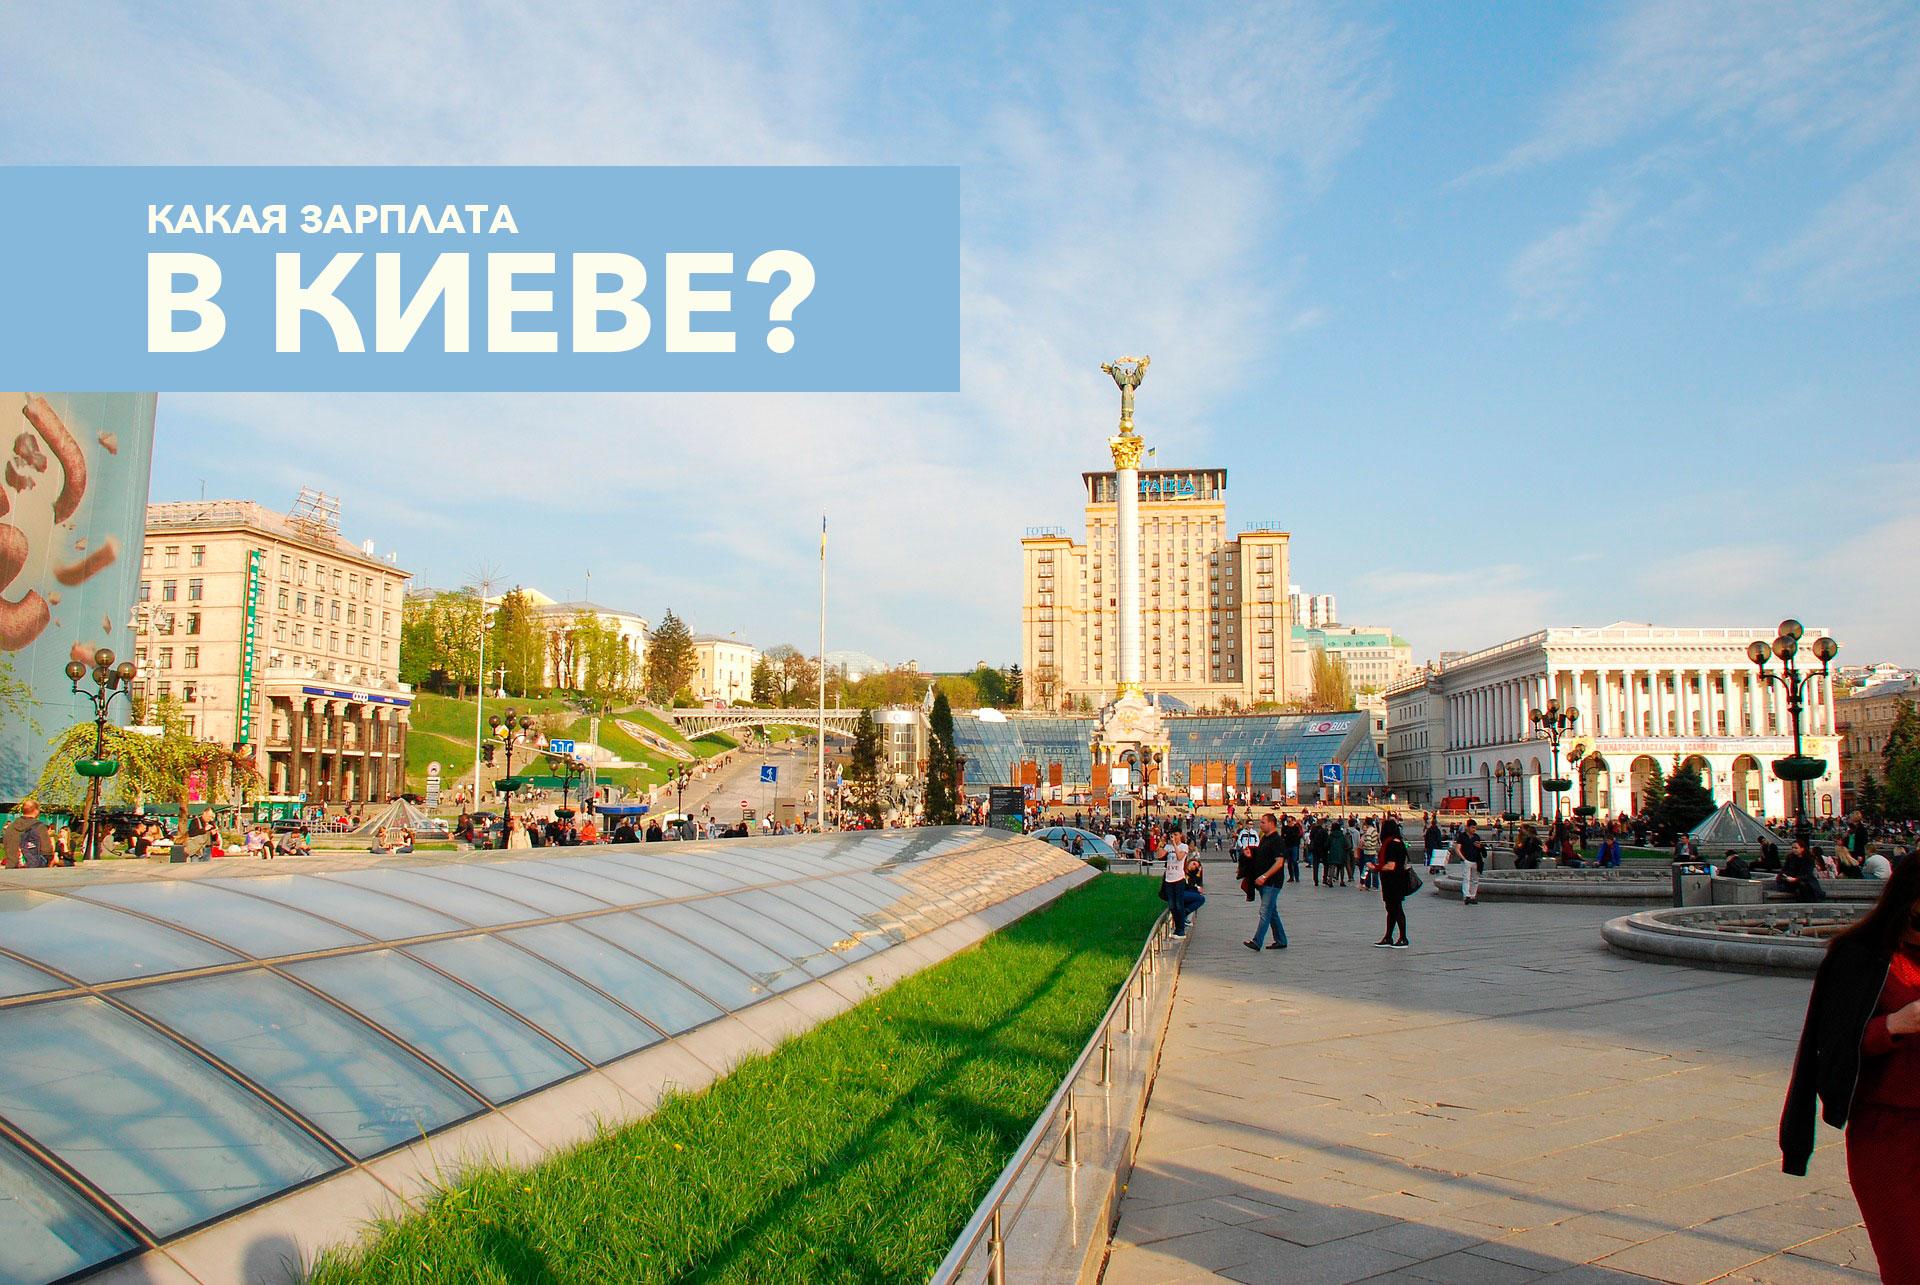 Средняя зарплата в Украине, Киев и уровень жизни